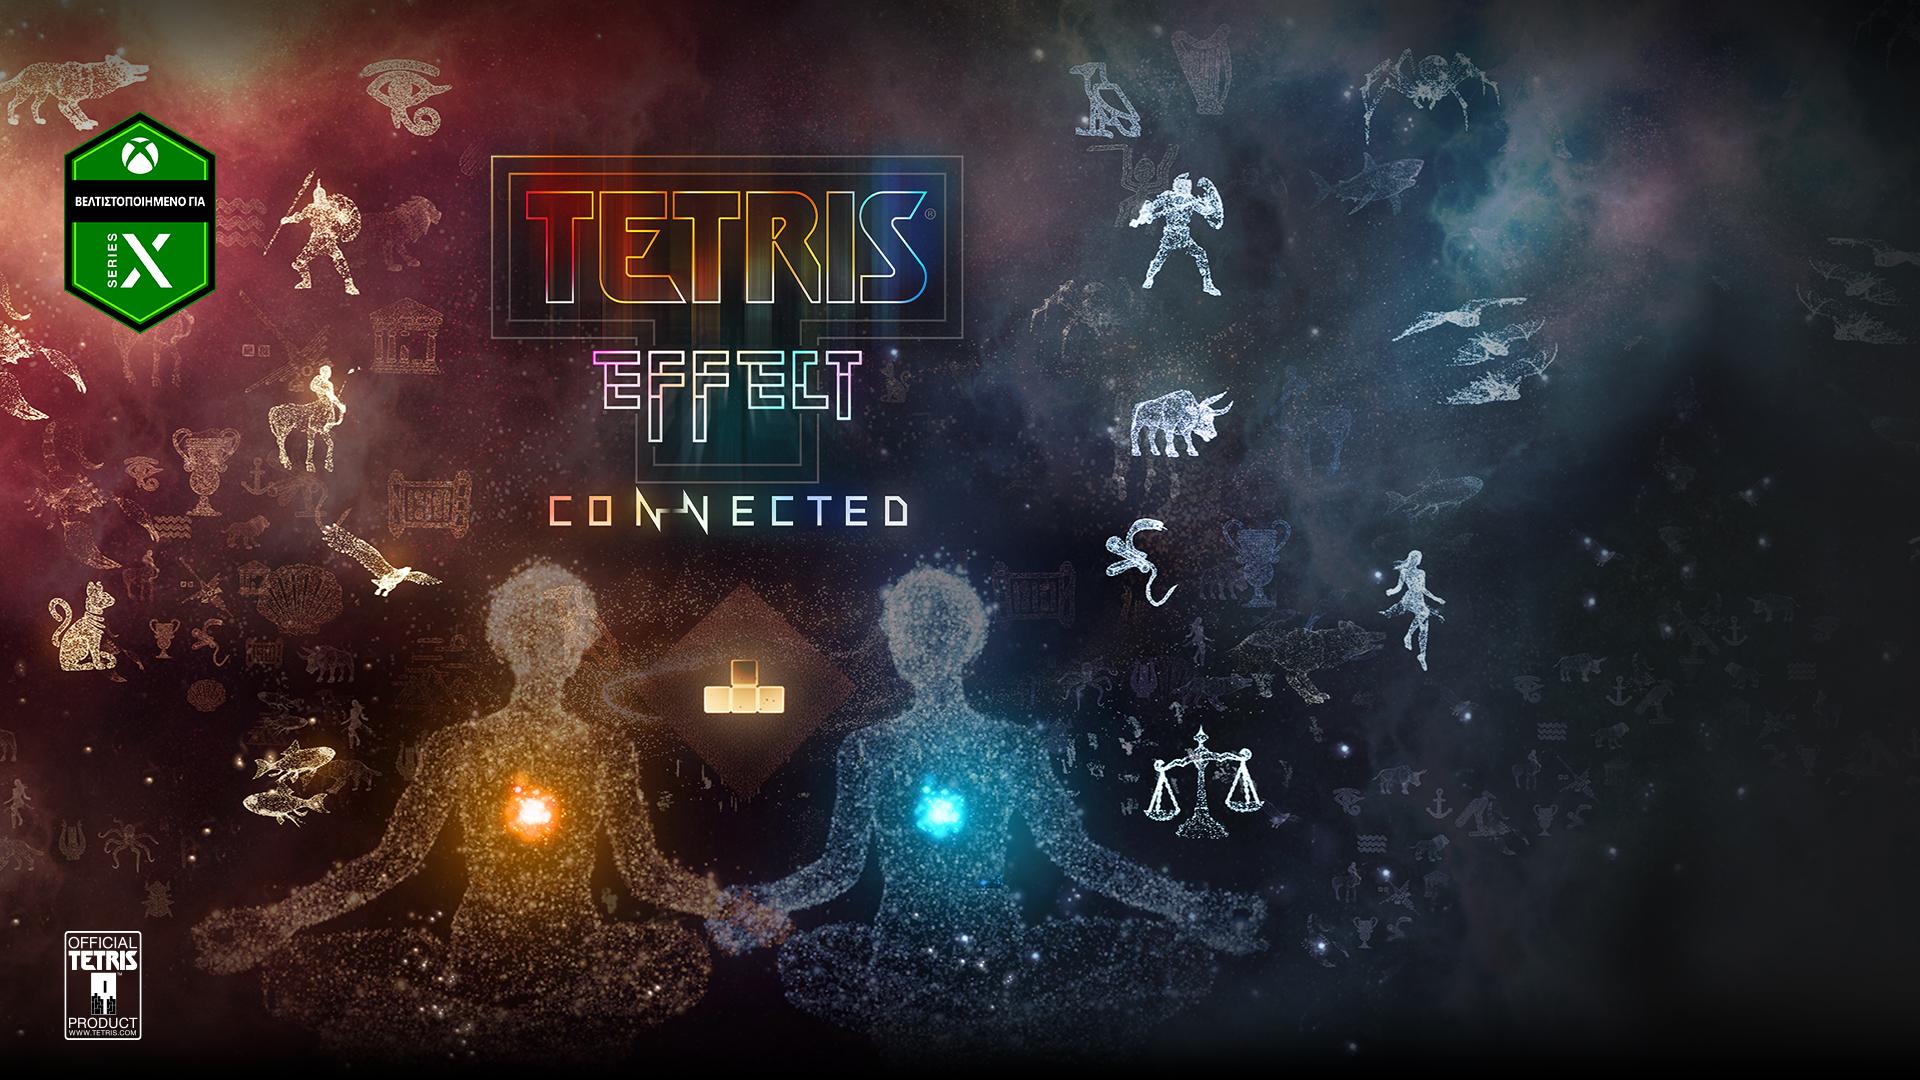 Βελτιστοποιημένο για Series Χ, Tetris Effect Connected, Επίσημο προϊόν Tetris, ένα τεράστιο τοπίο αστεριών που σχηματίσουν ζώα και ανθρώπους.